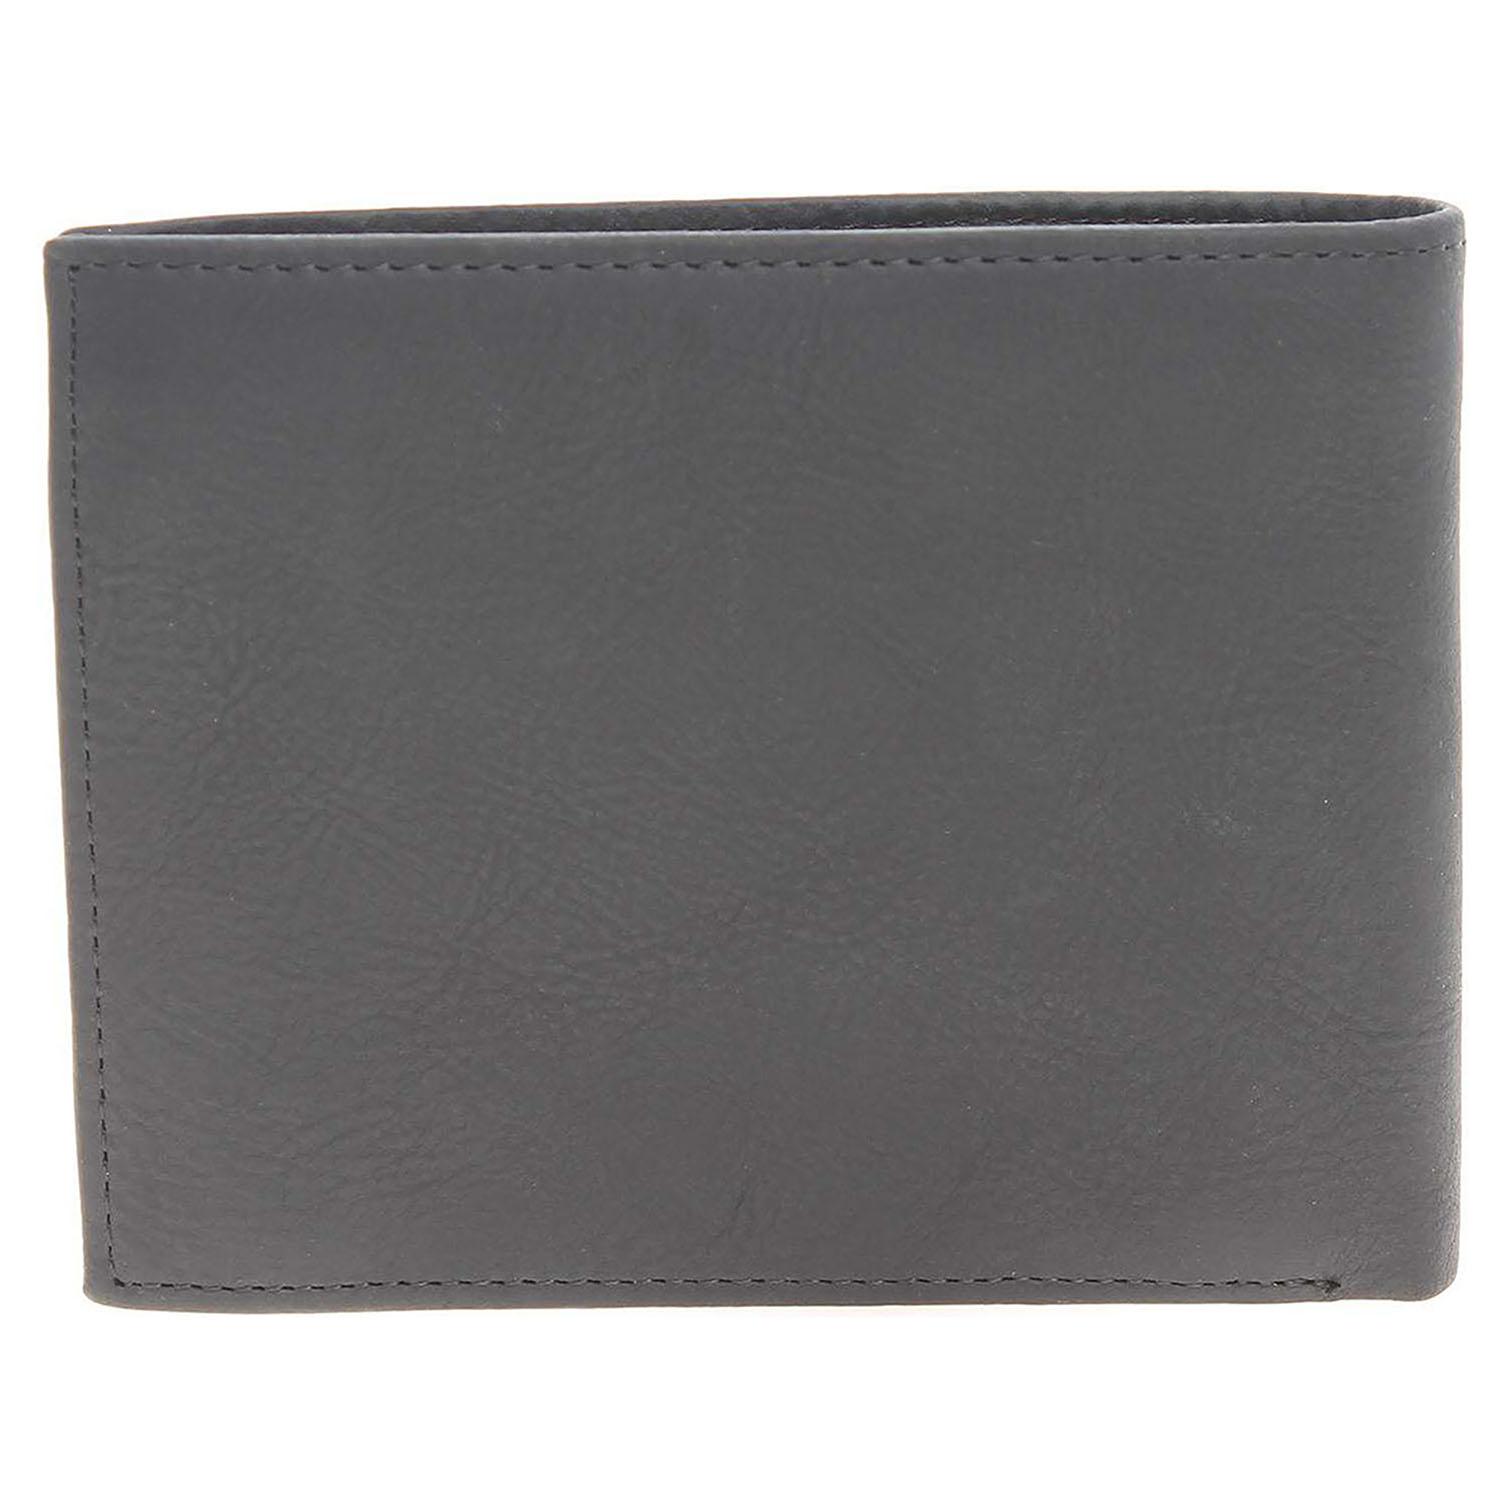 Ecco Tommy Hilfiger pánská peněženka AM0AM00665 černá 14200446